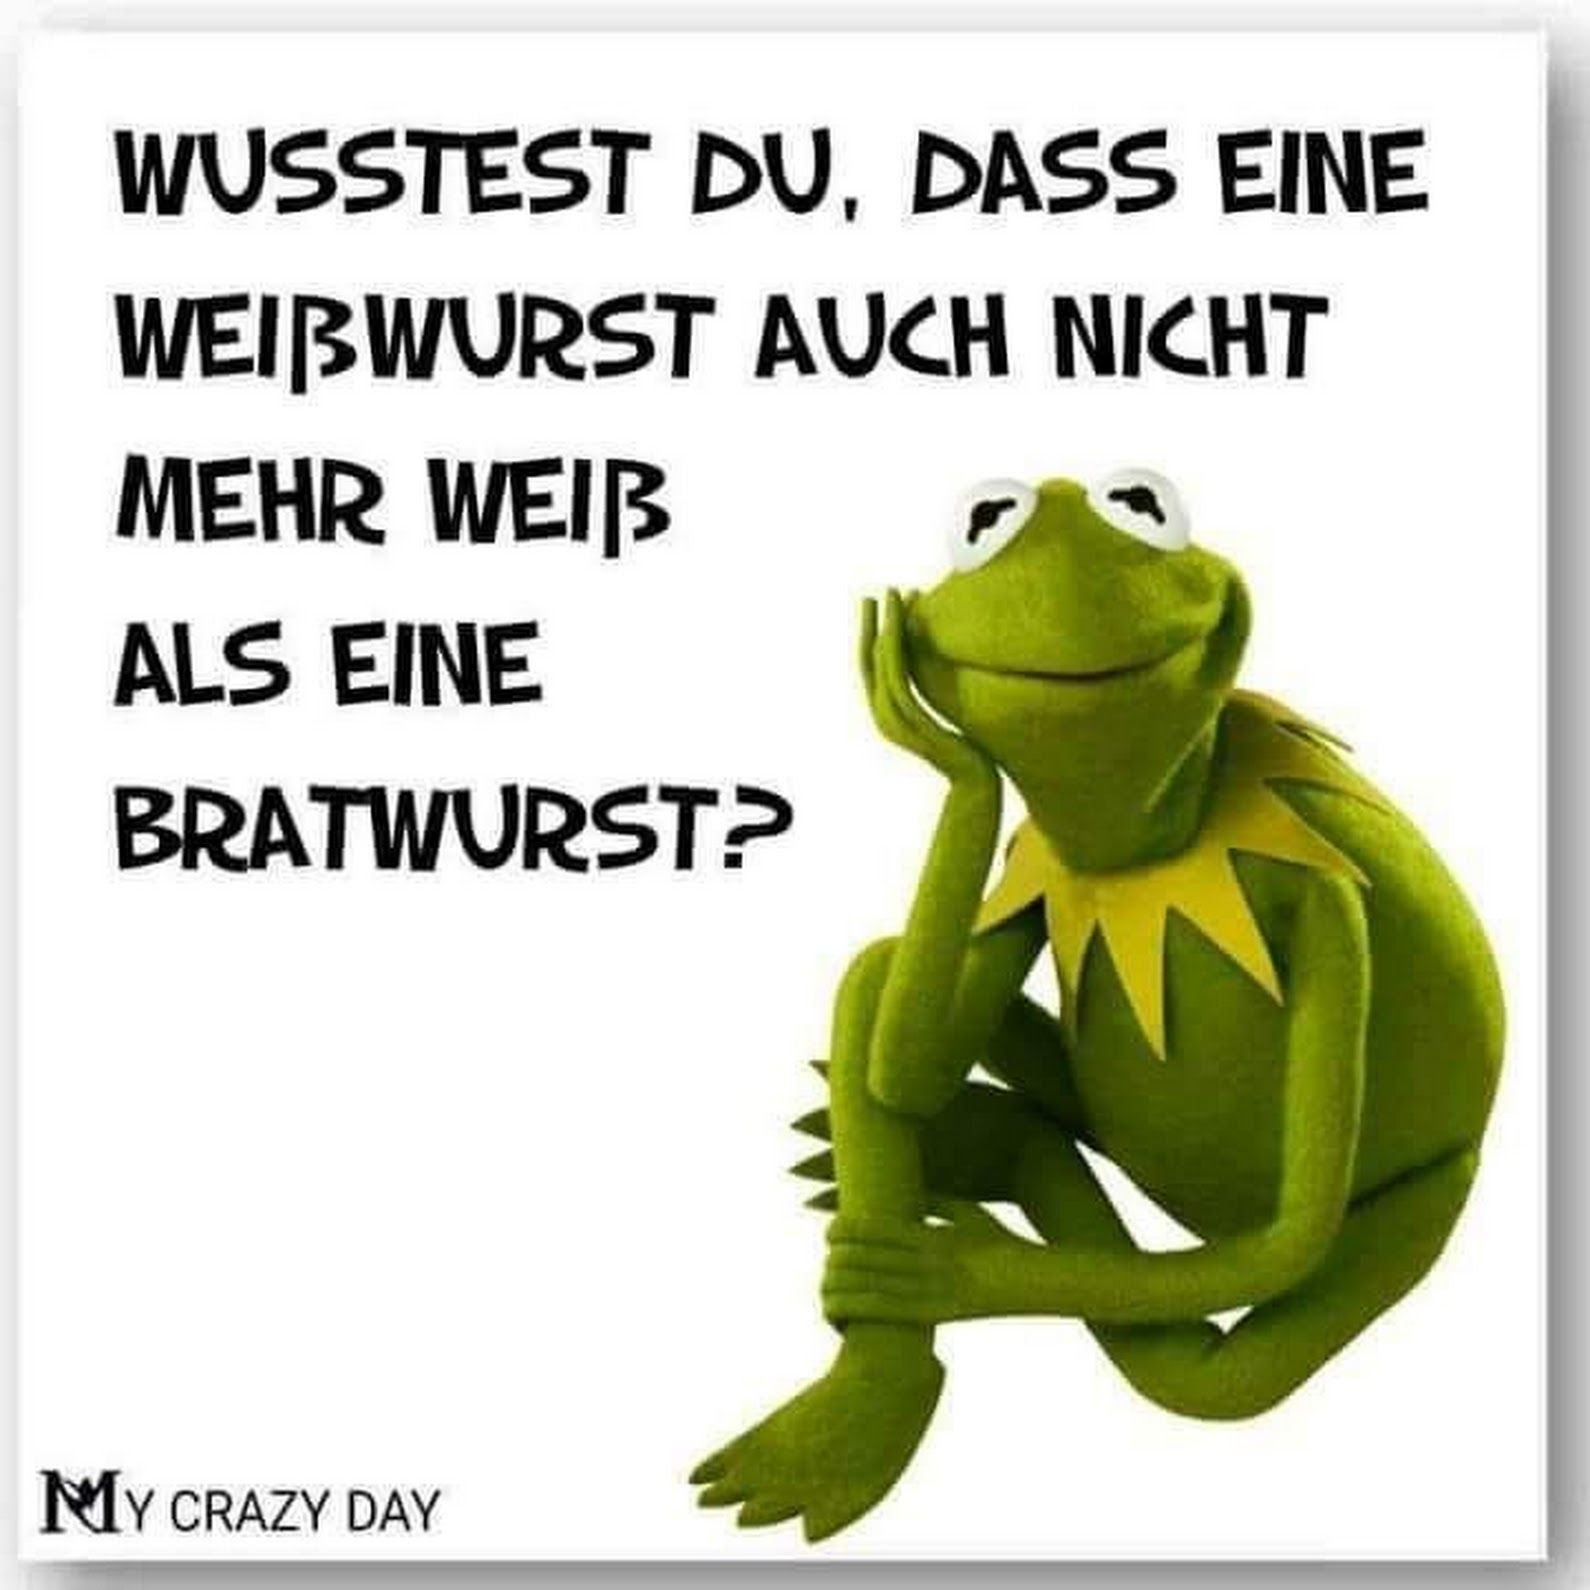 Poster Kermit Meme Redbubble